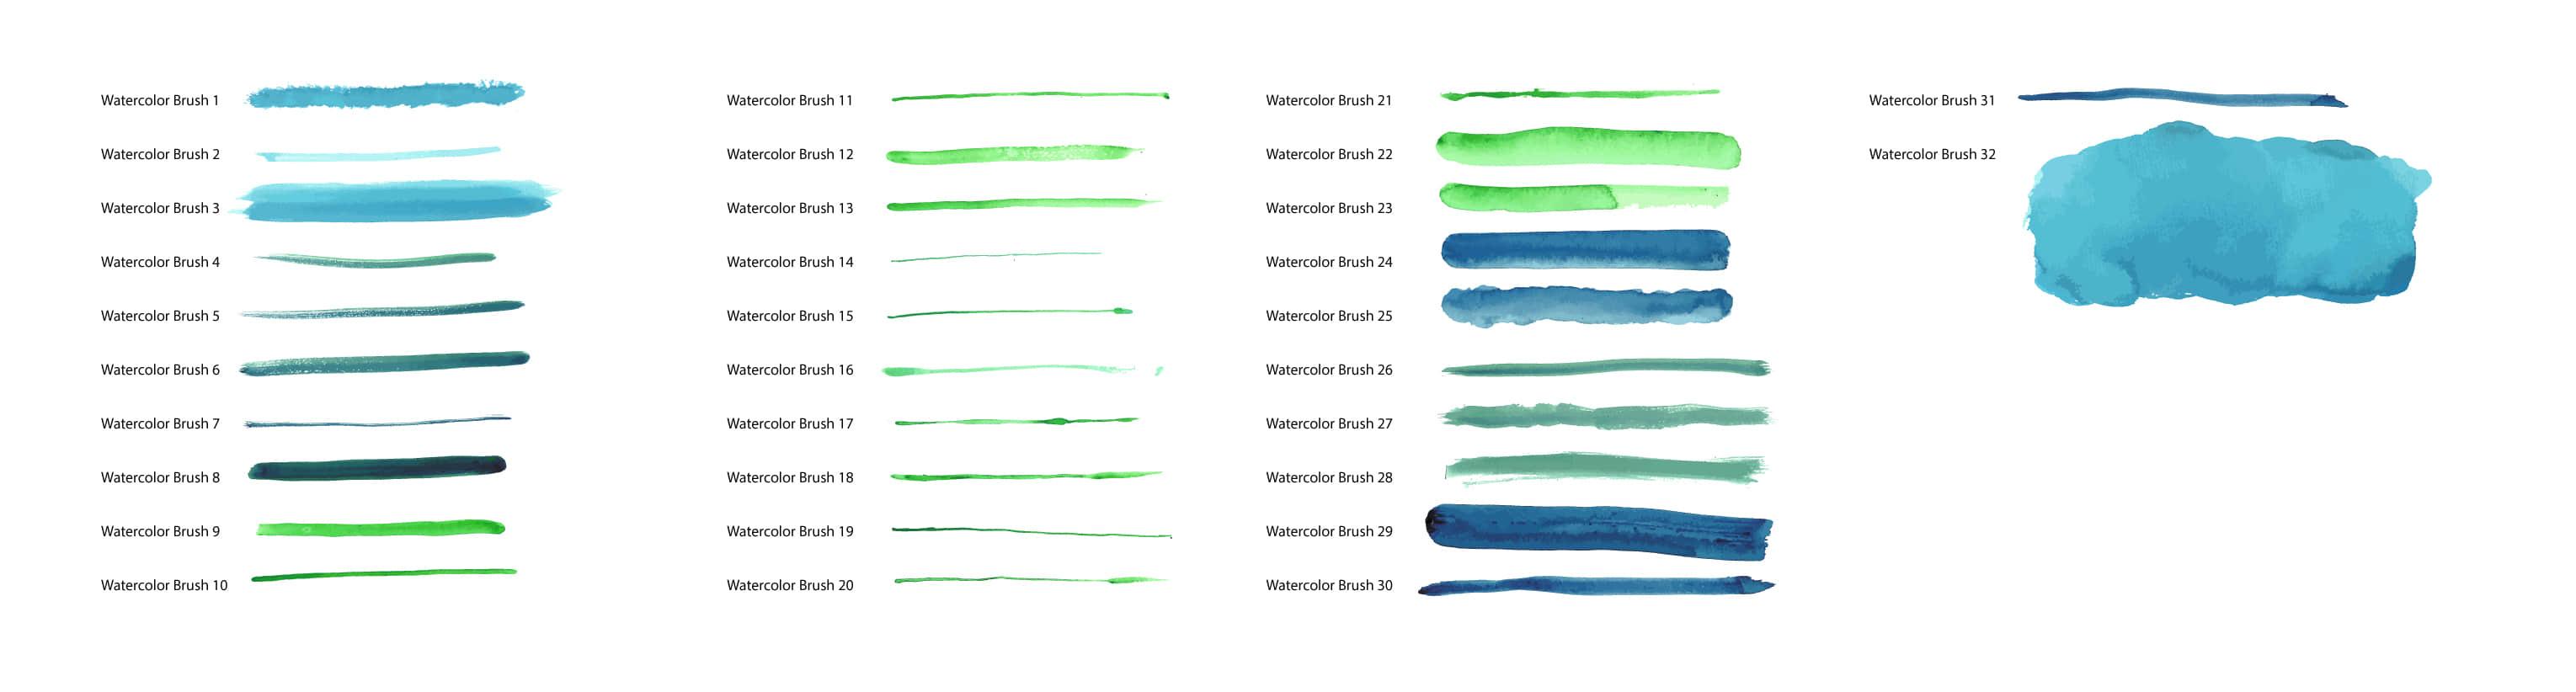 32种水彩、水笔、水墨划痕效果Photoshop笔刷素材下载 水粉笔刷 水彩笔刷 水墨笔刷 划痕笔刷  photoshop brush